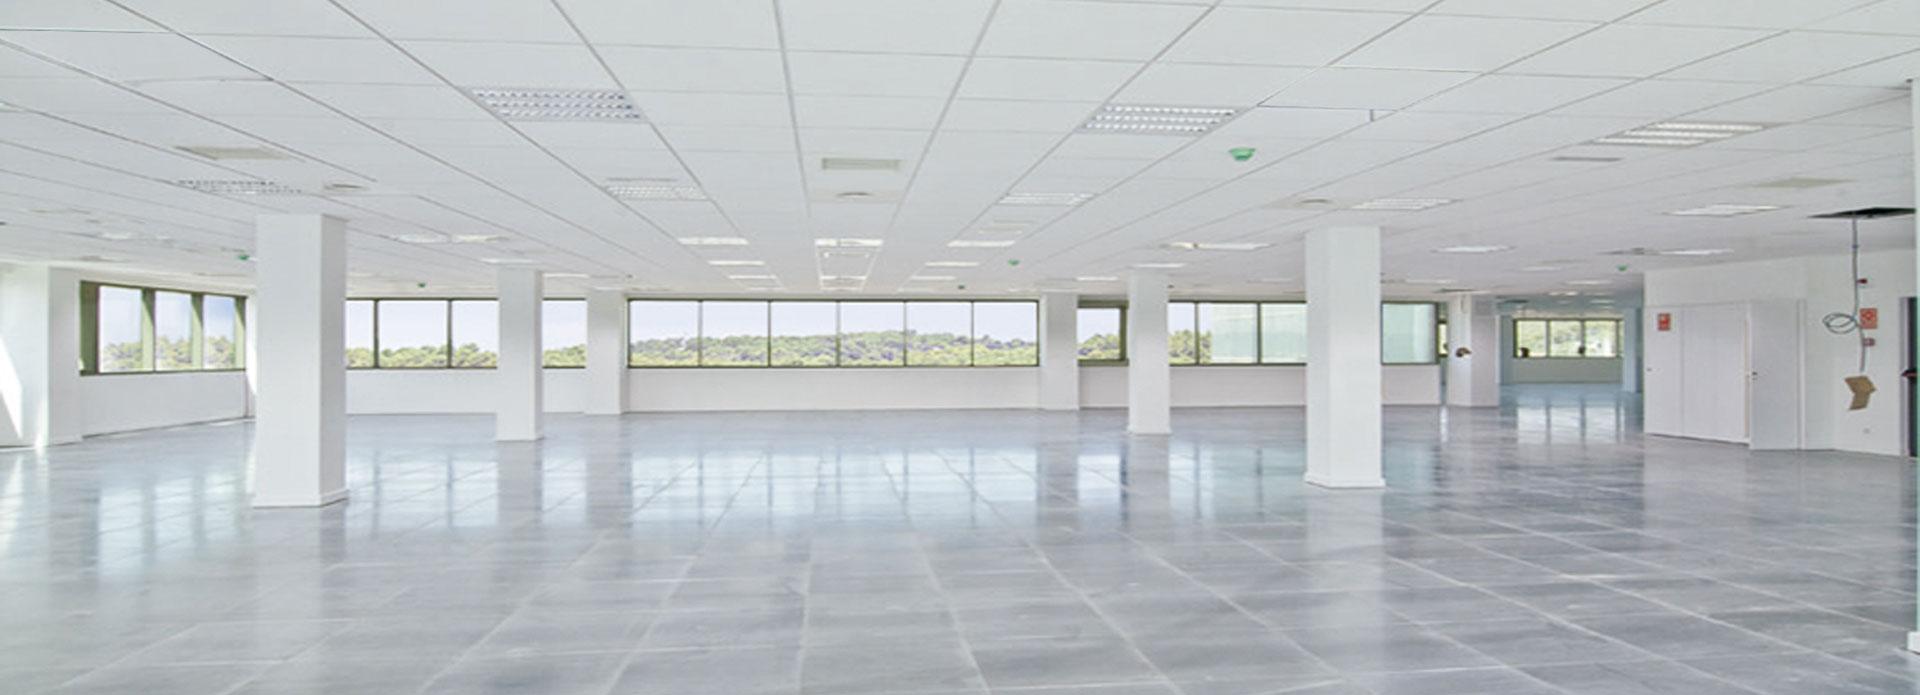 Alquiler inmobilario oficinas areazeroinmo